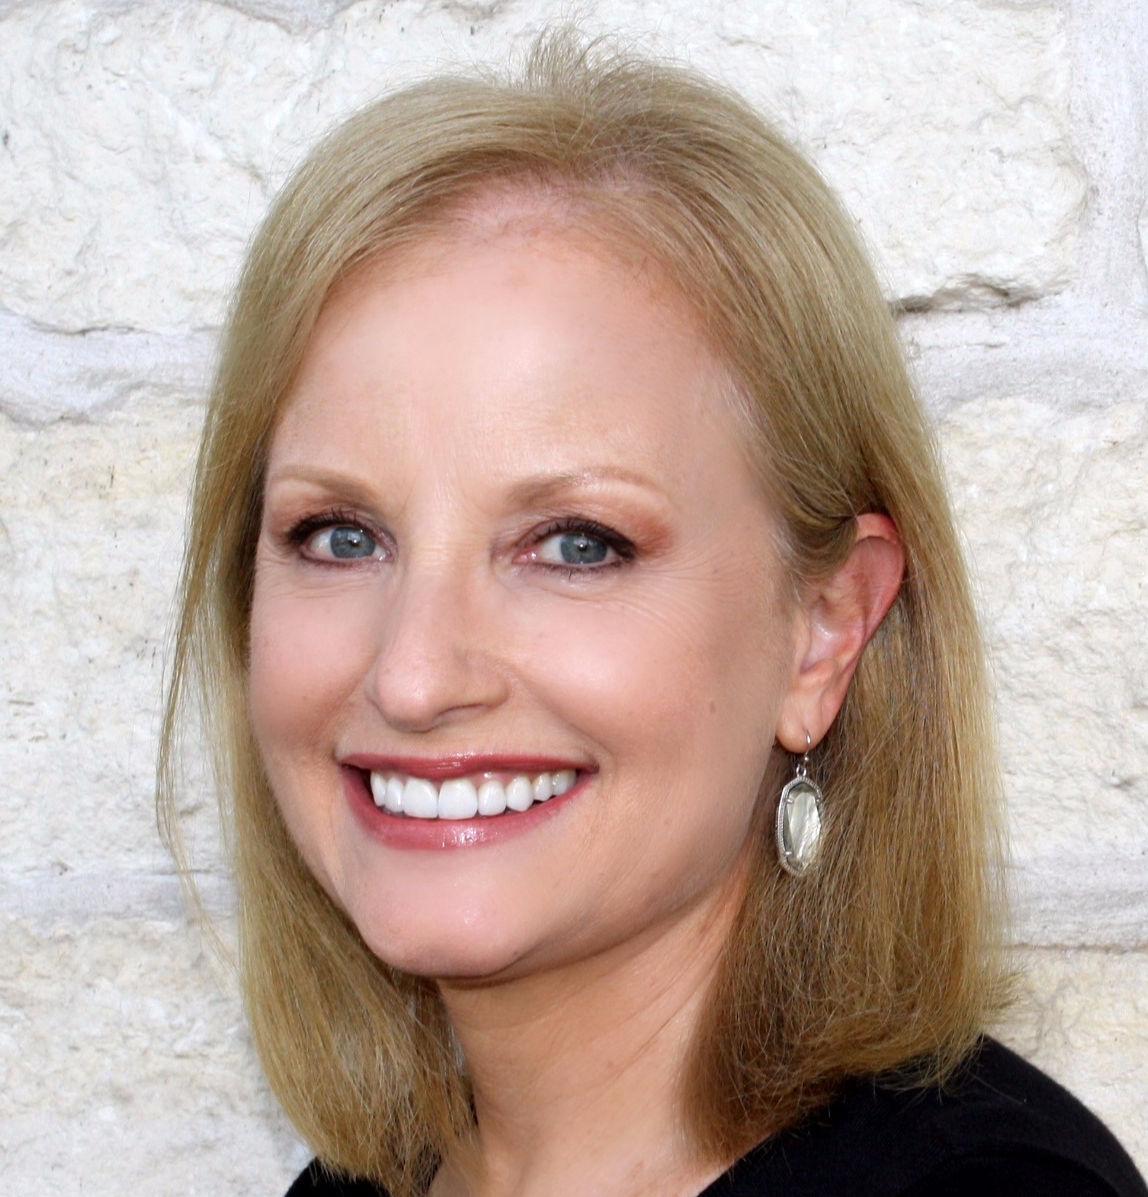 Melanie Sanders, RDH